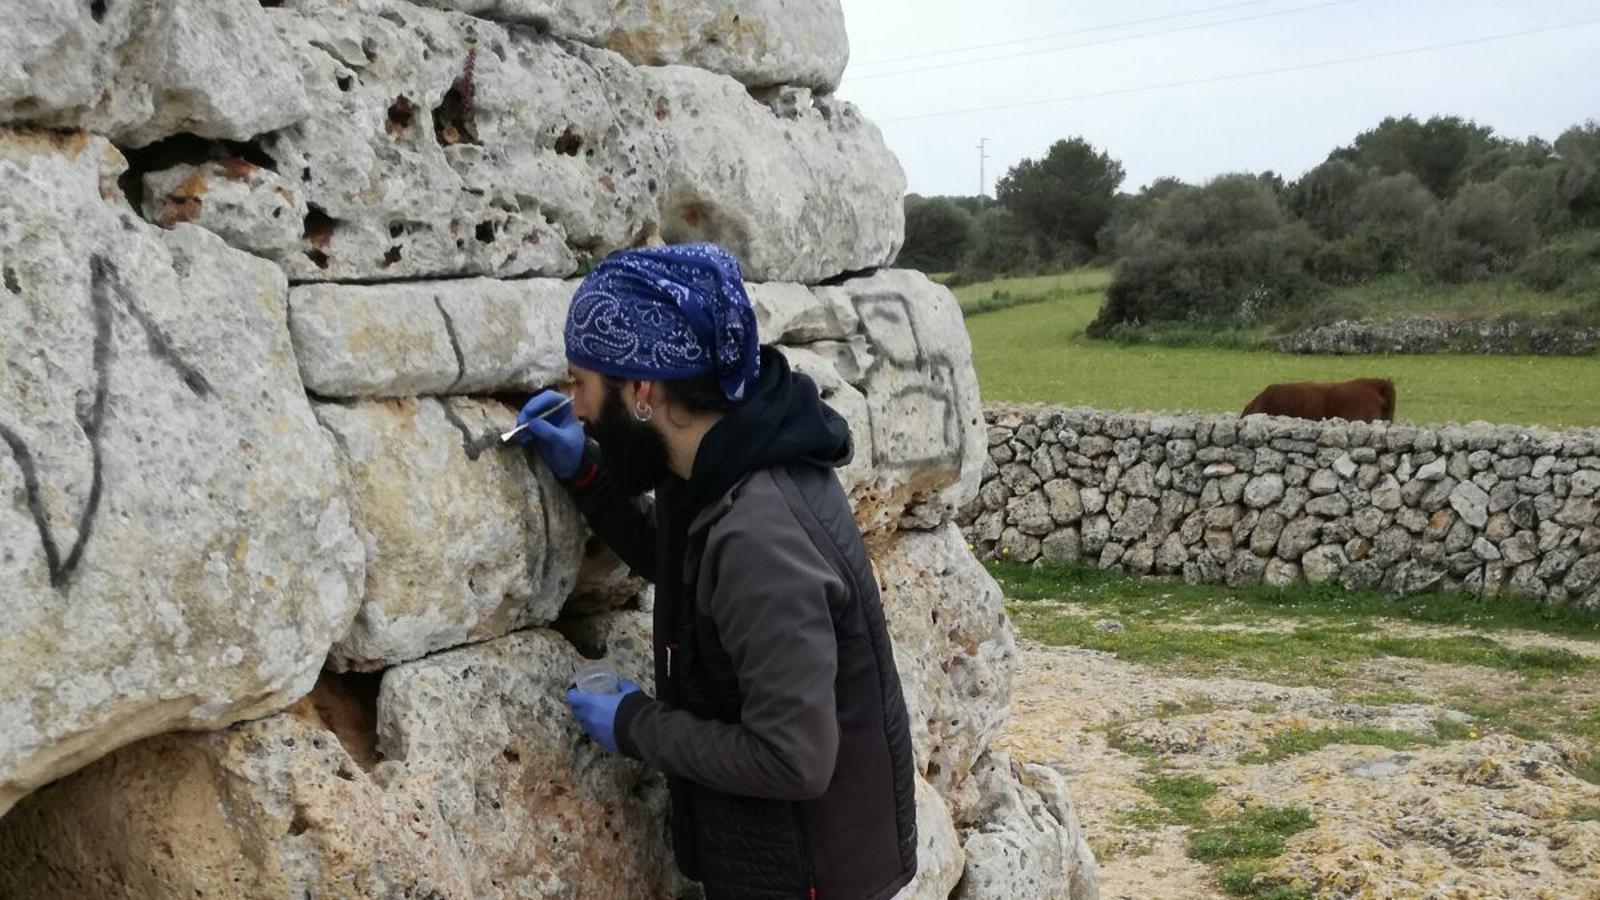 La restauració de la naveta dels Tudons es durà a terme amb components químics